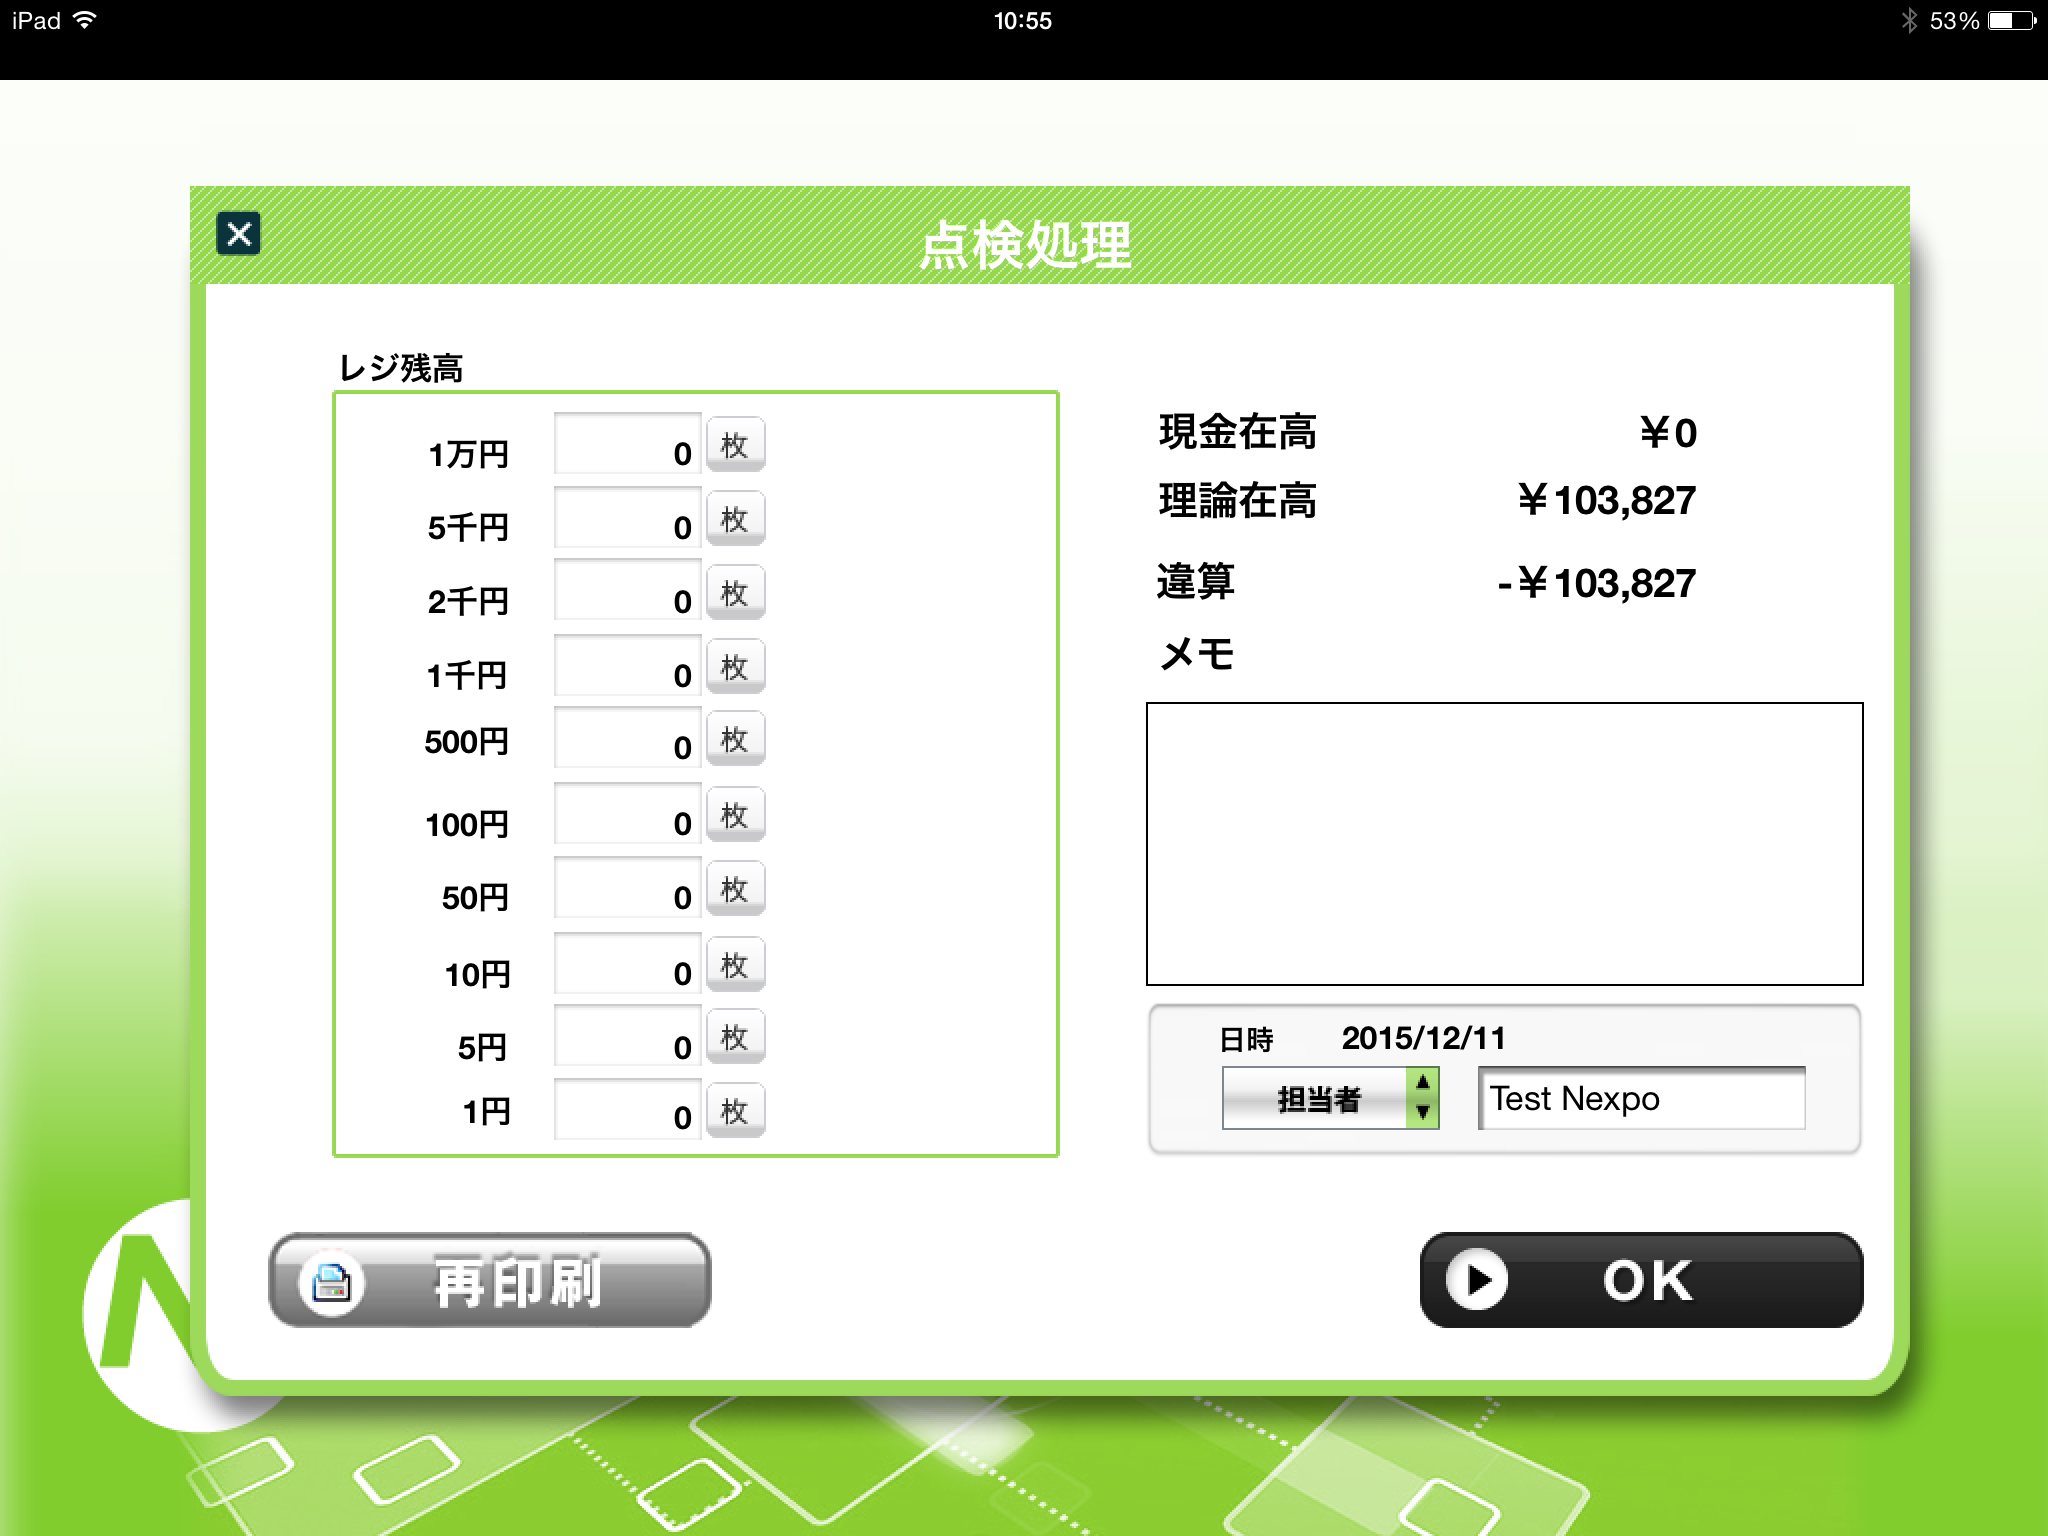 点検レシート画面の日付検索イメージ